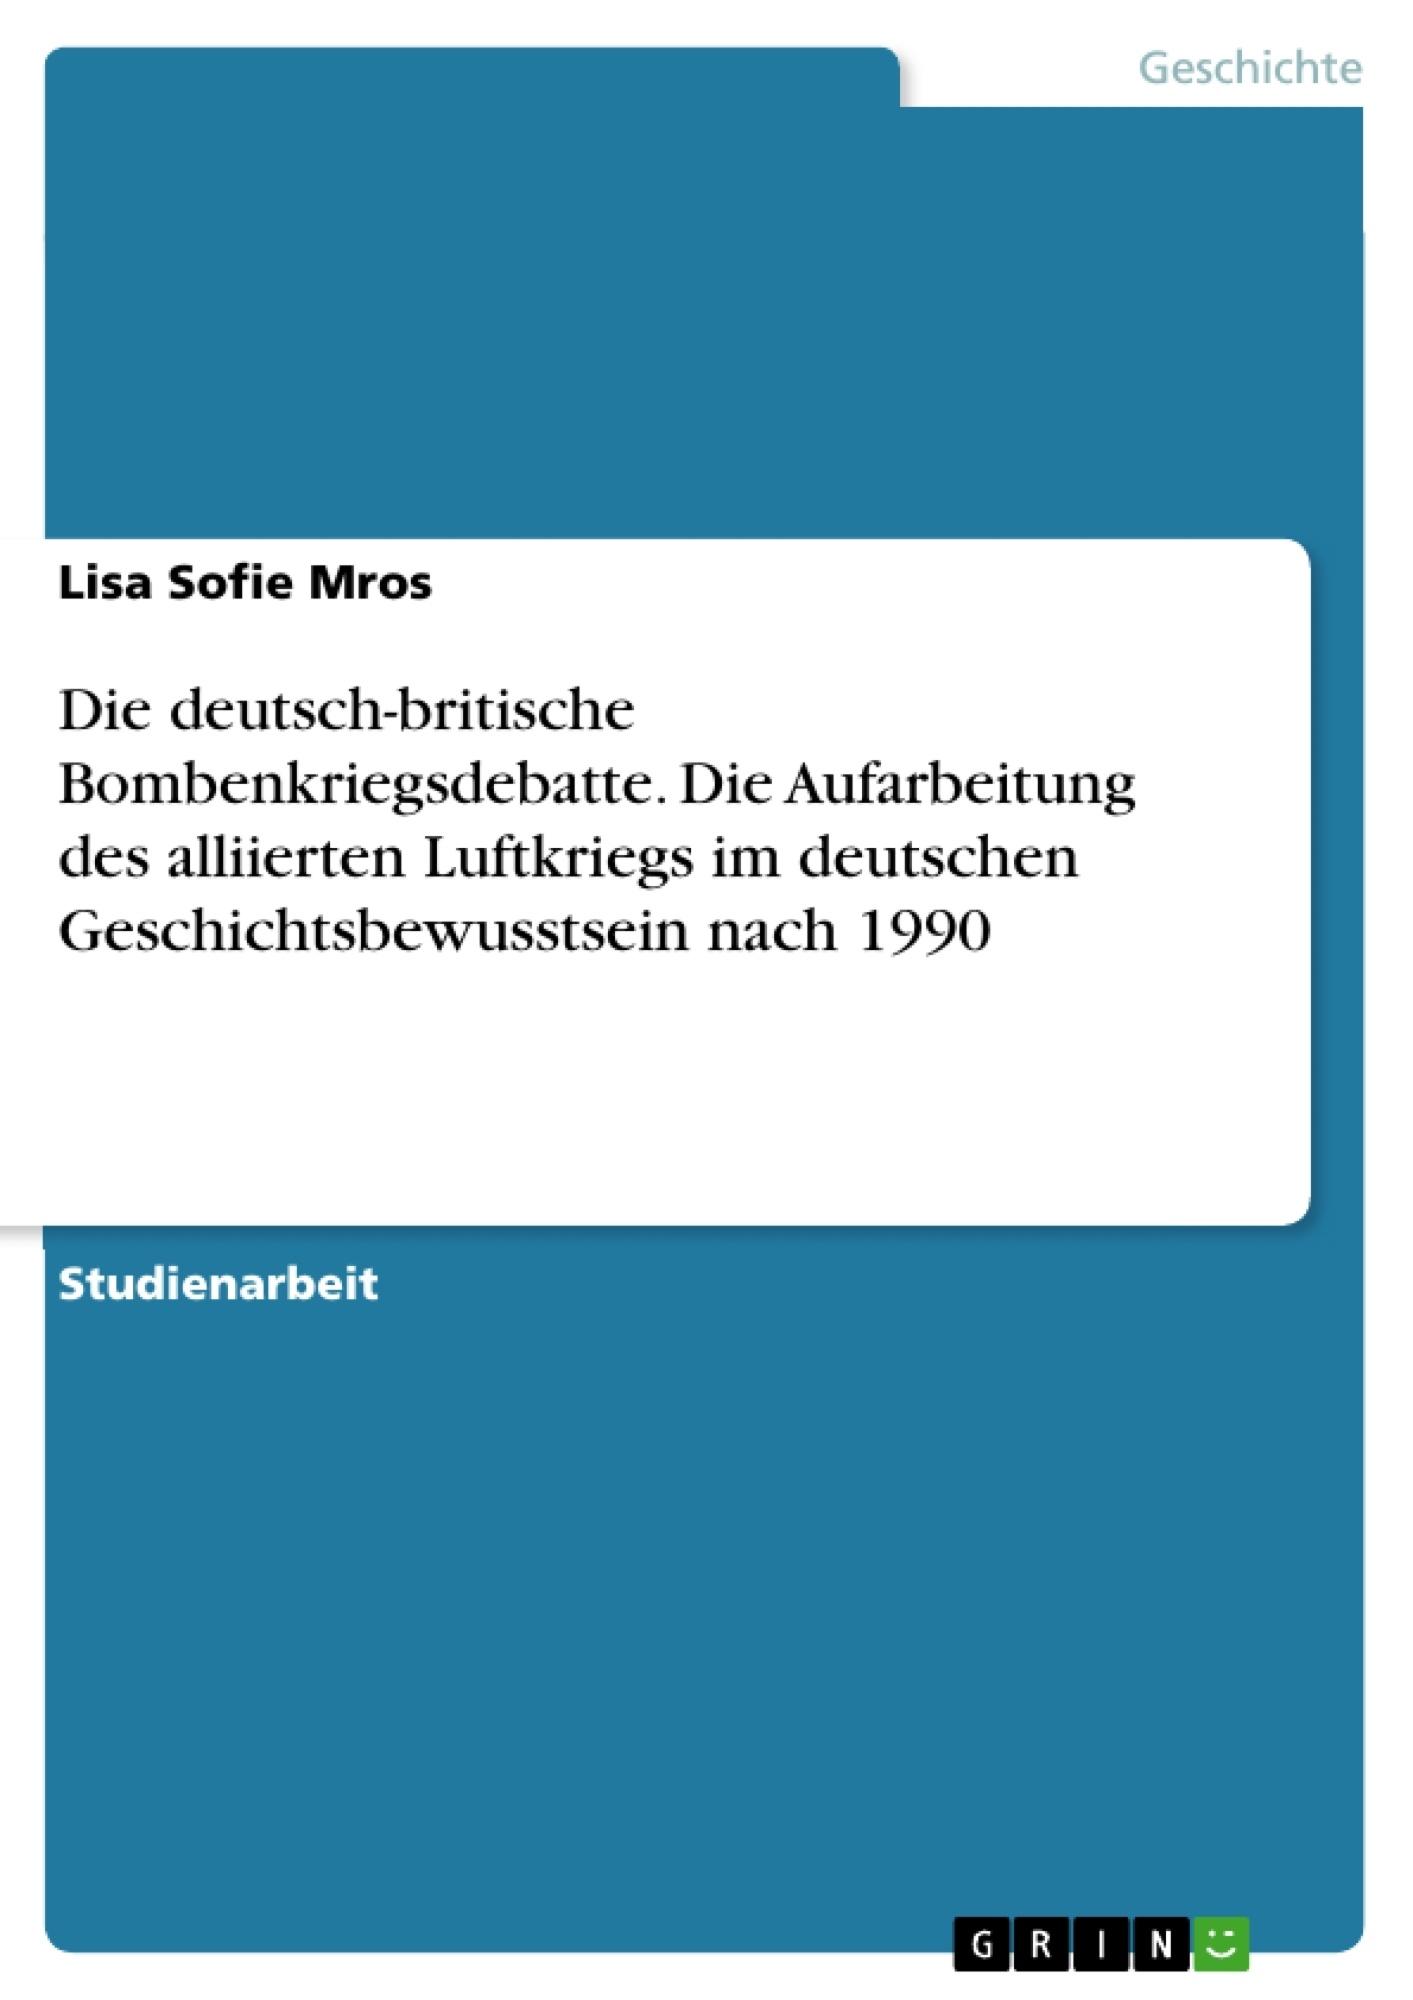 Titel: Die deutsch-britische Bombenkriegsdebatte. Die Aufarbeitung des alliierten Luftkriegs im deutschen Geschichtsbewusstsein nach 1990